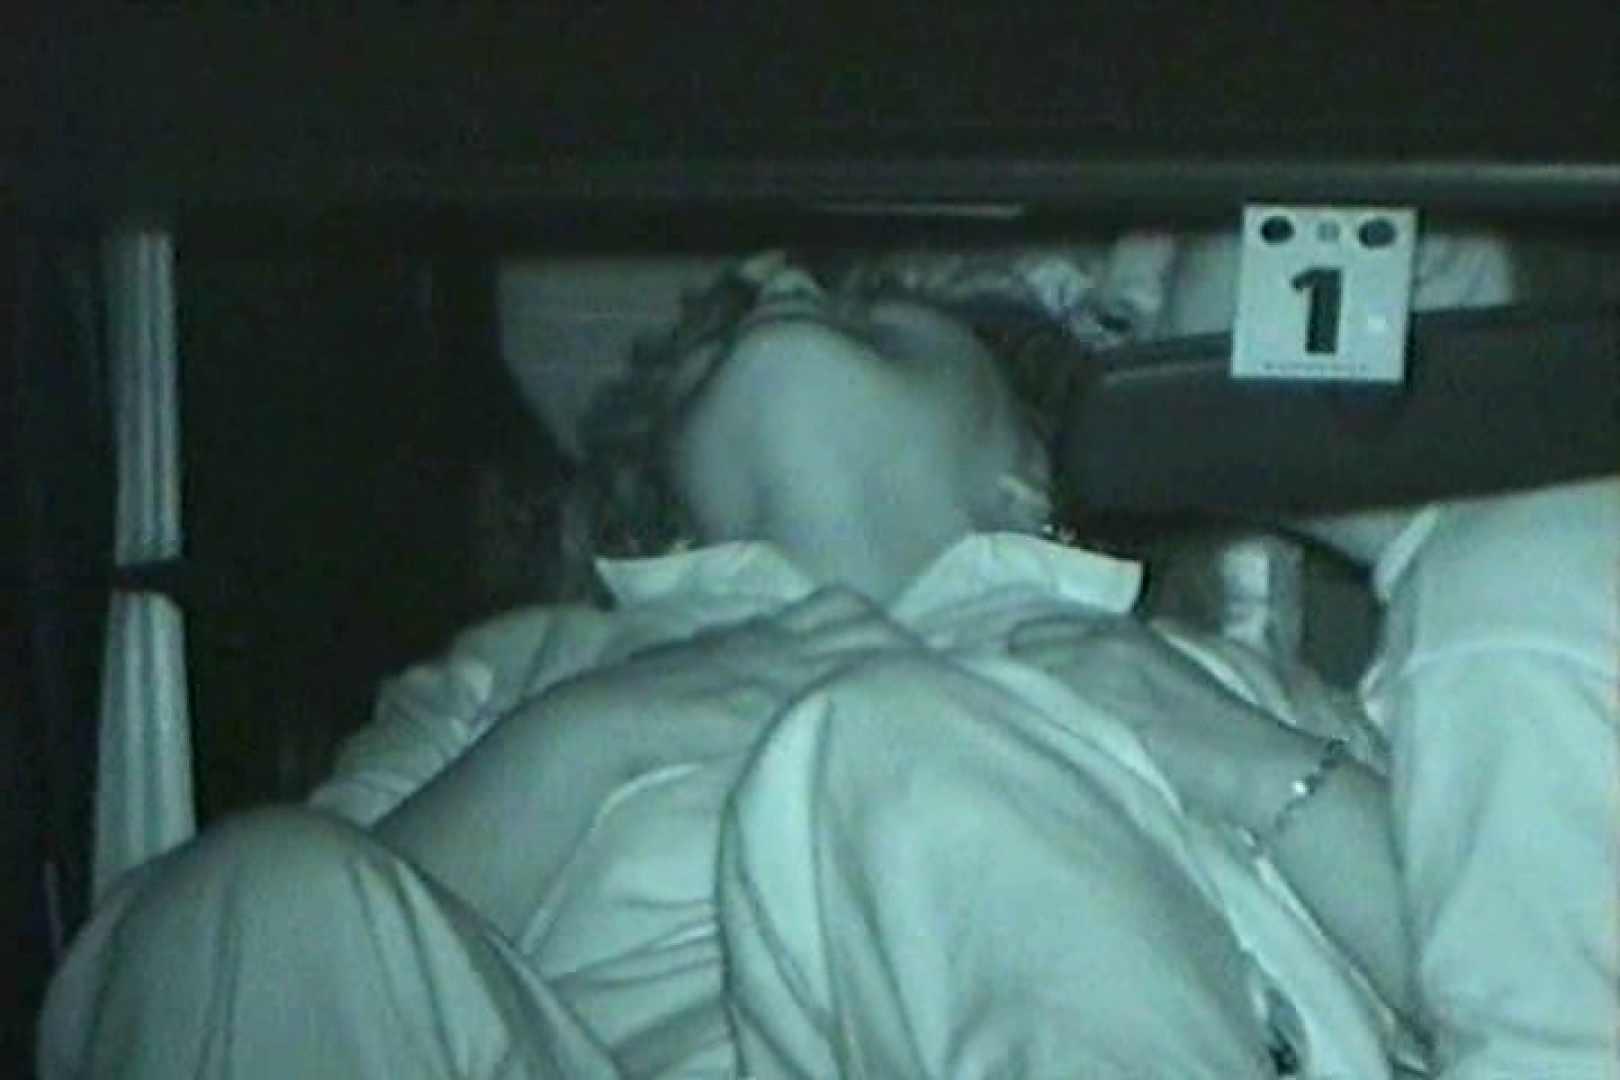 車の中はラブホテル 無修正版  Vol.24 卑猥 オマンコ無修正動画無料 78pic 68